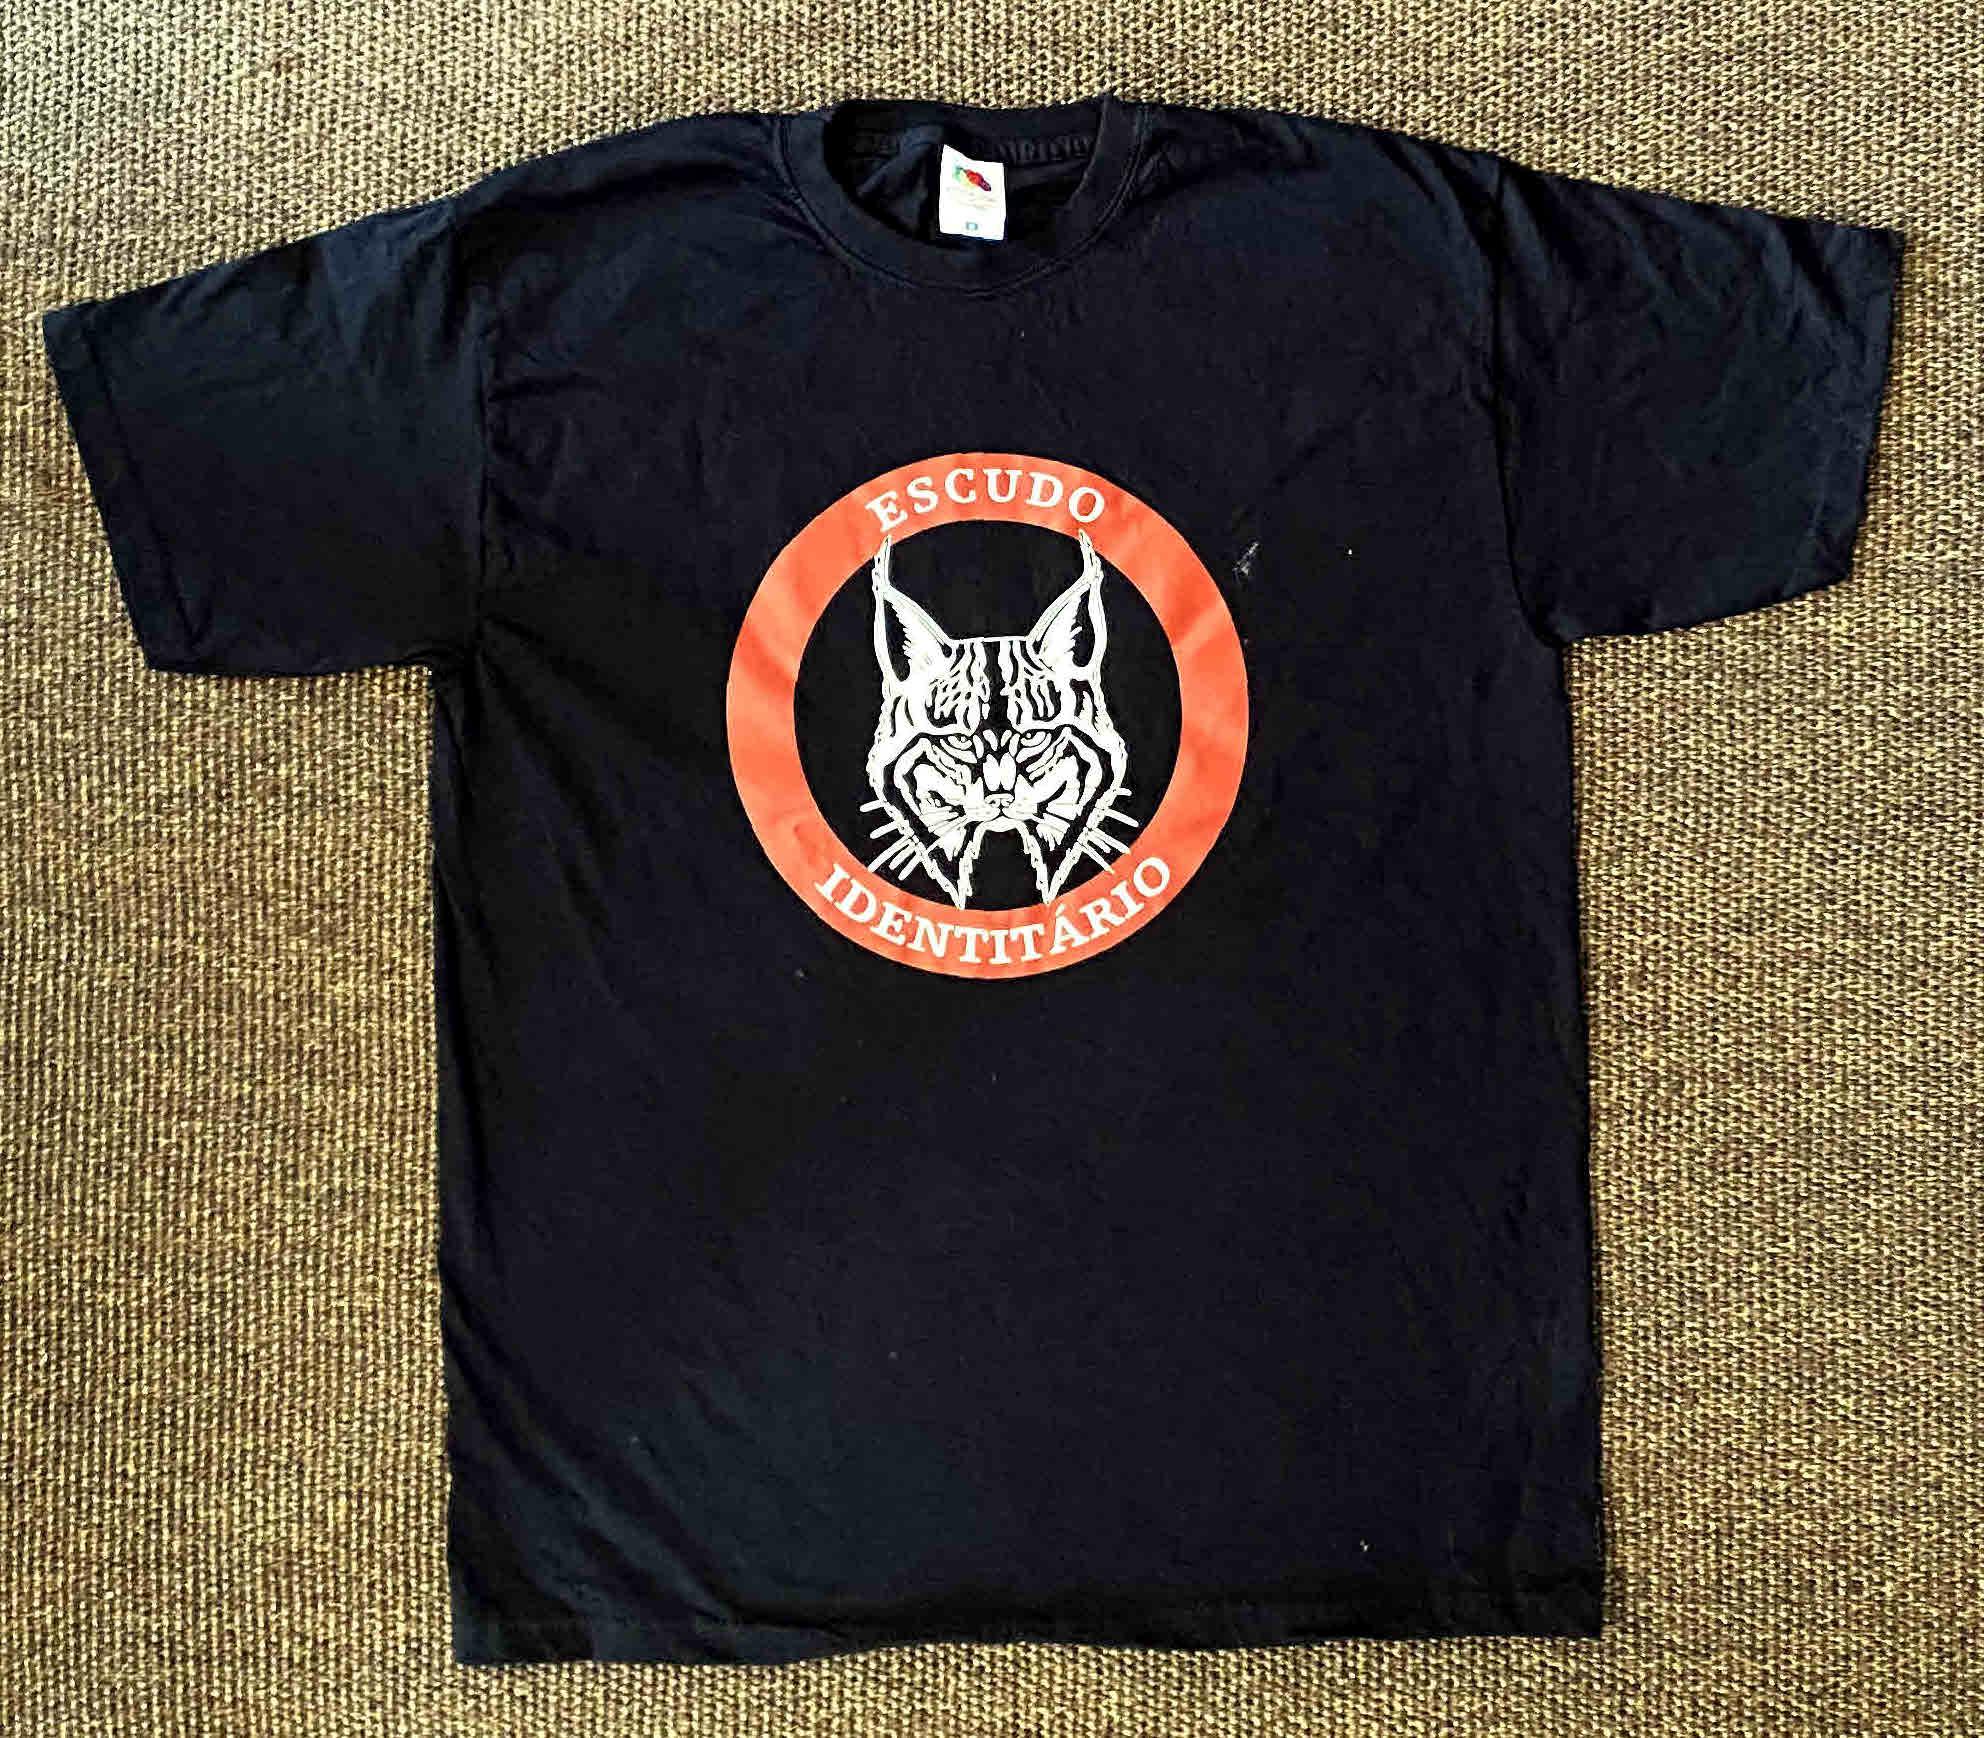 escudo identitario t shirt 1 fr